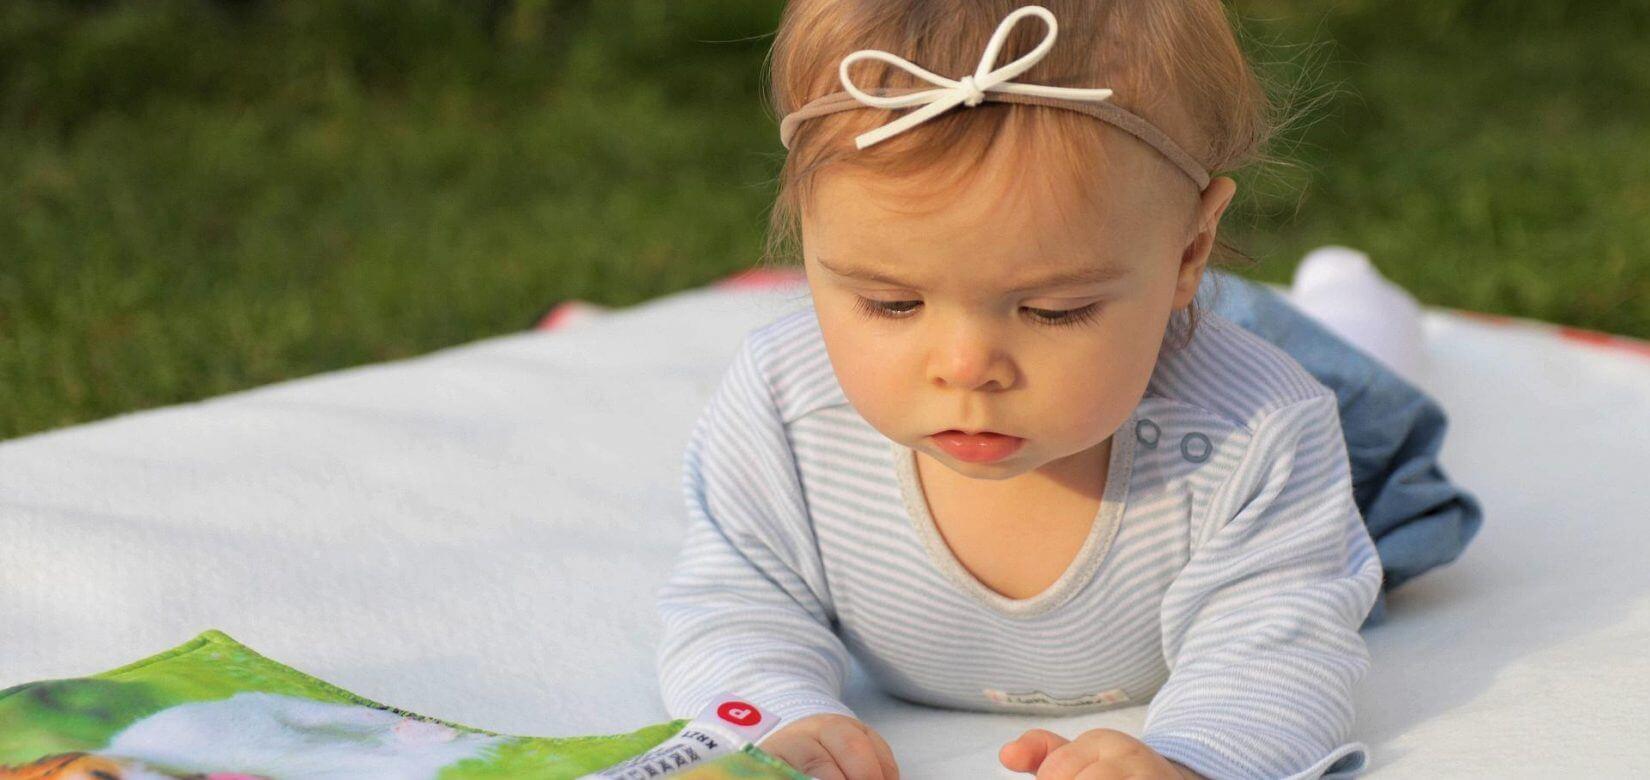 Αυτισμός ποια παιδιά μπορεί να κινδυνεύουν; (13 - 25 μηνών) - all4mama